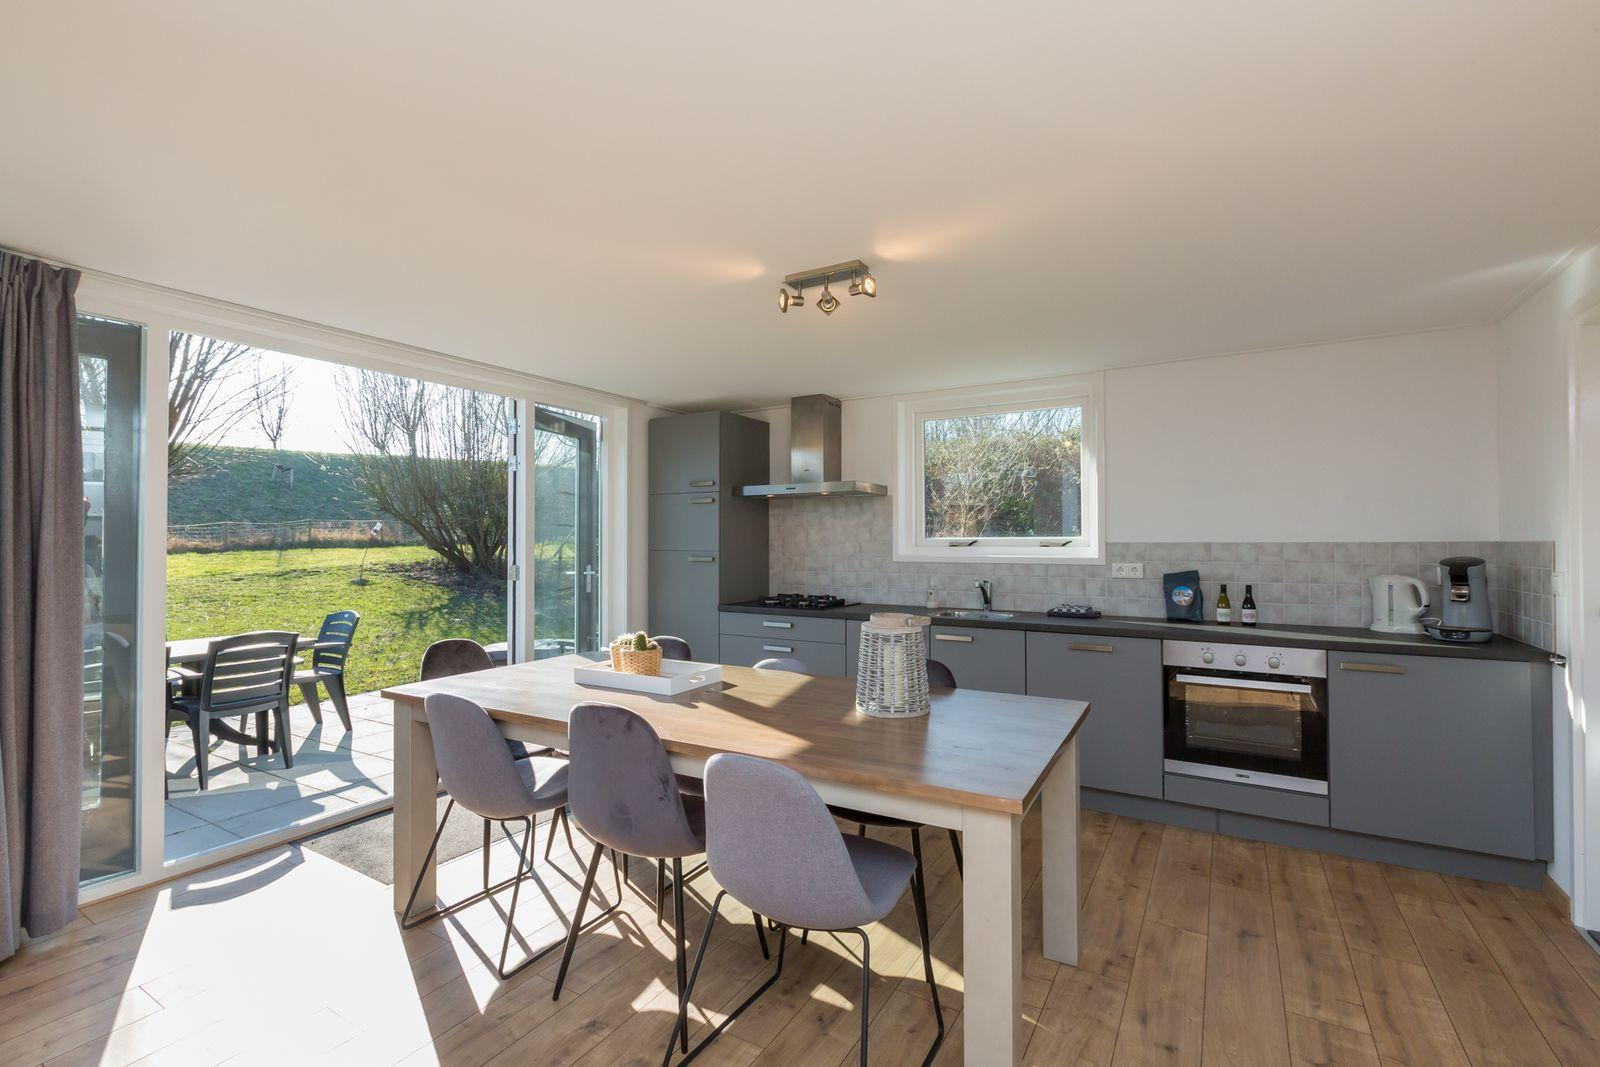 Ferienhaus für 6 Personen ca 70 m² in Wolphaartsdijk Zeeland Küste von Zeeland